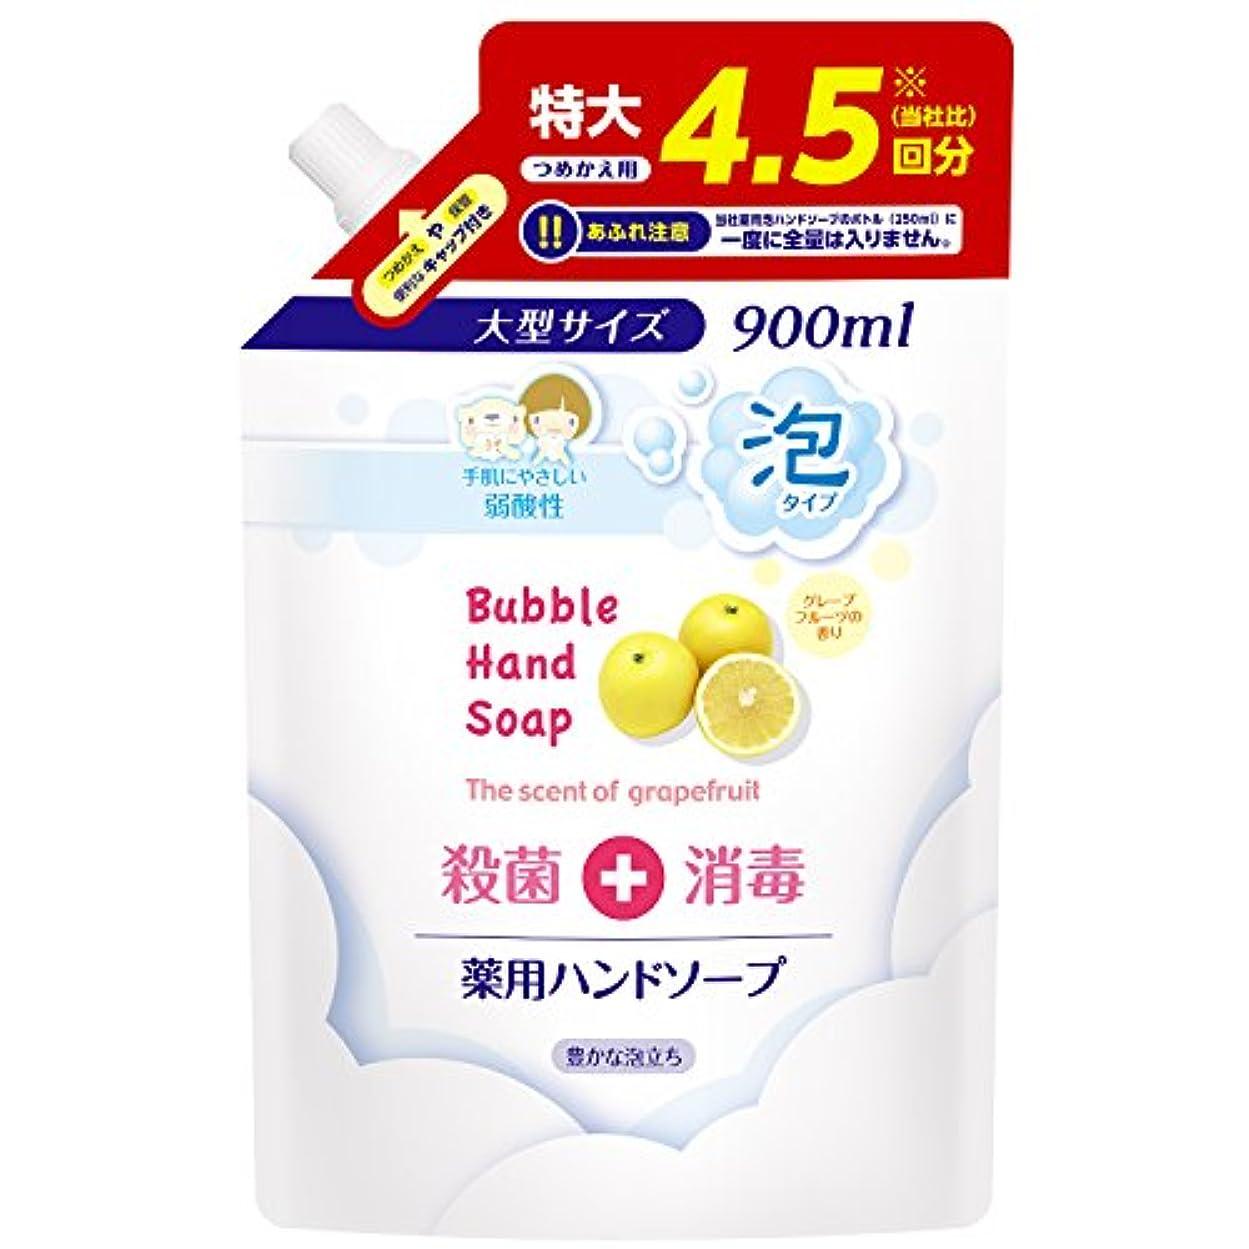 つかまえる利用可能価格薬用泡ハンドソープ詰替900ml